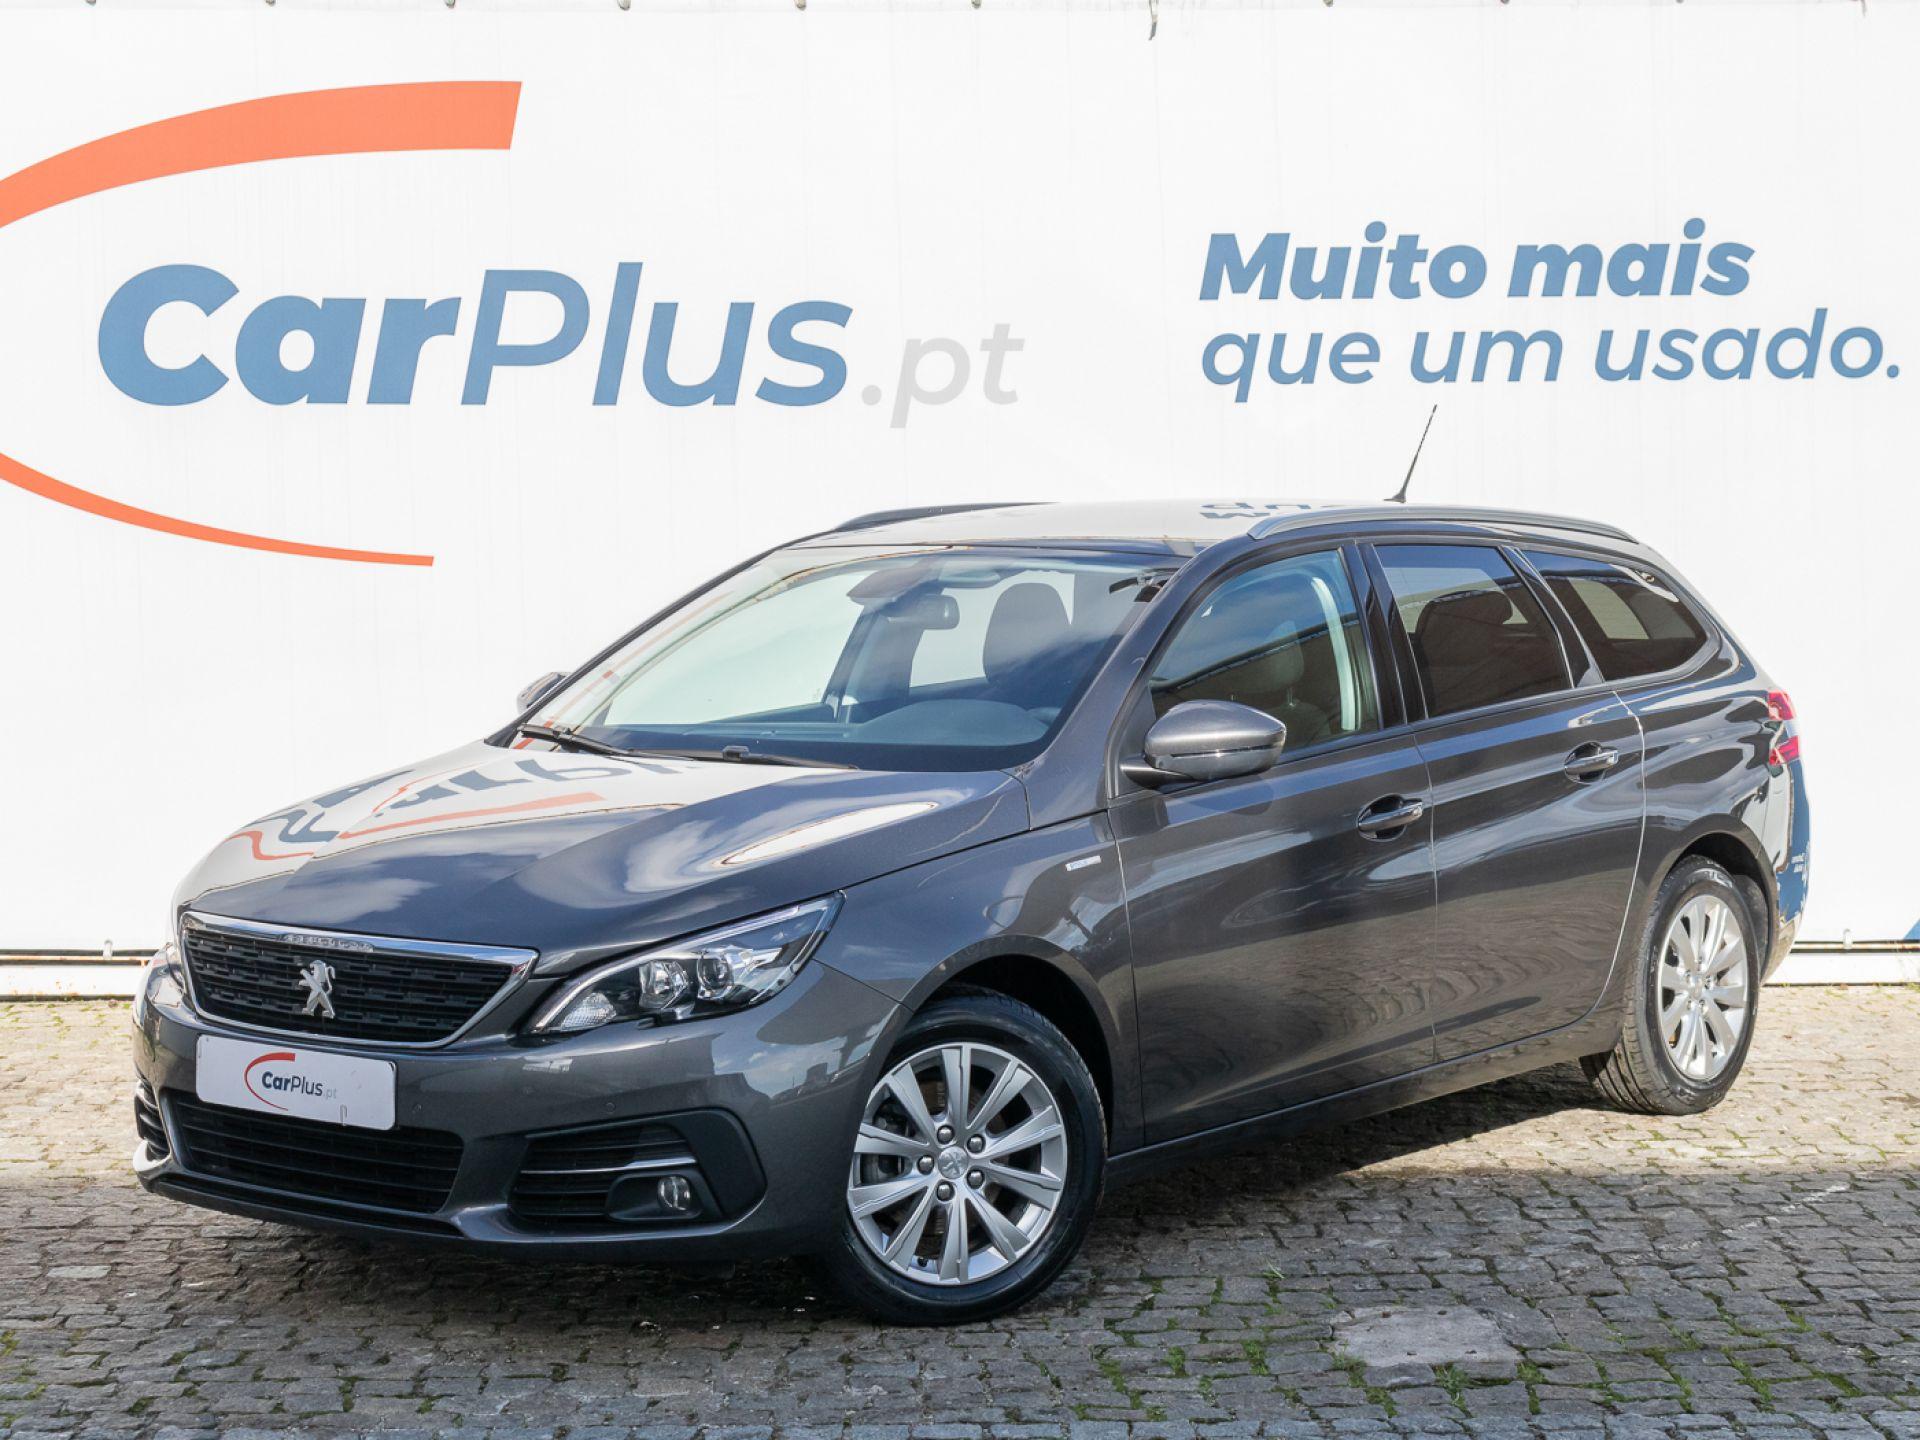 Peugeot 308 SW Style 1.5 BlueHDi 100cv Eu 6.2d CVM6 SW segunda mão Lisboa